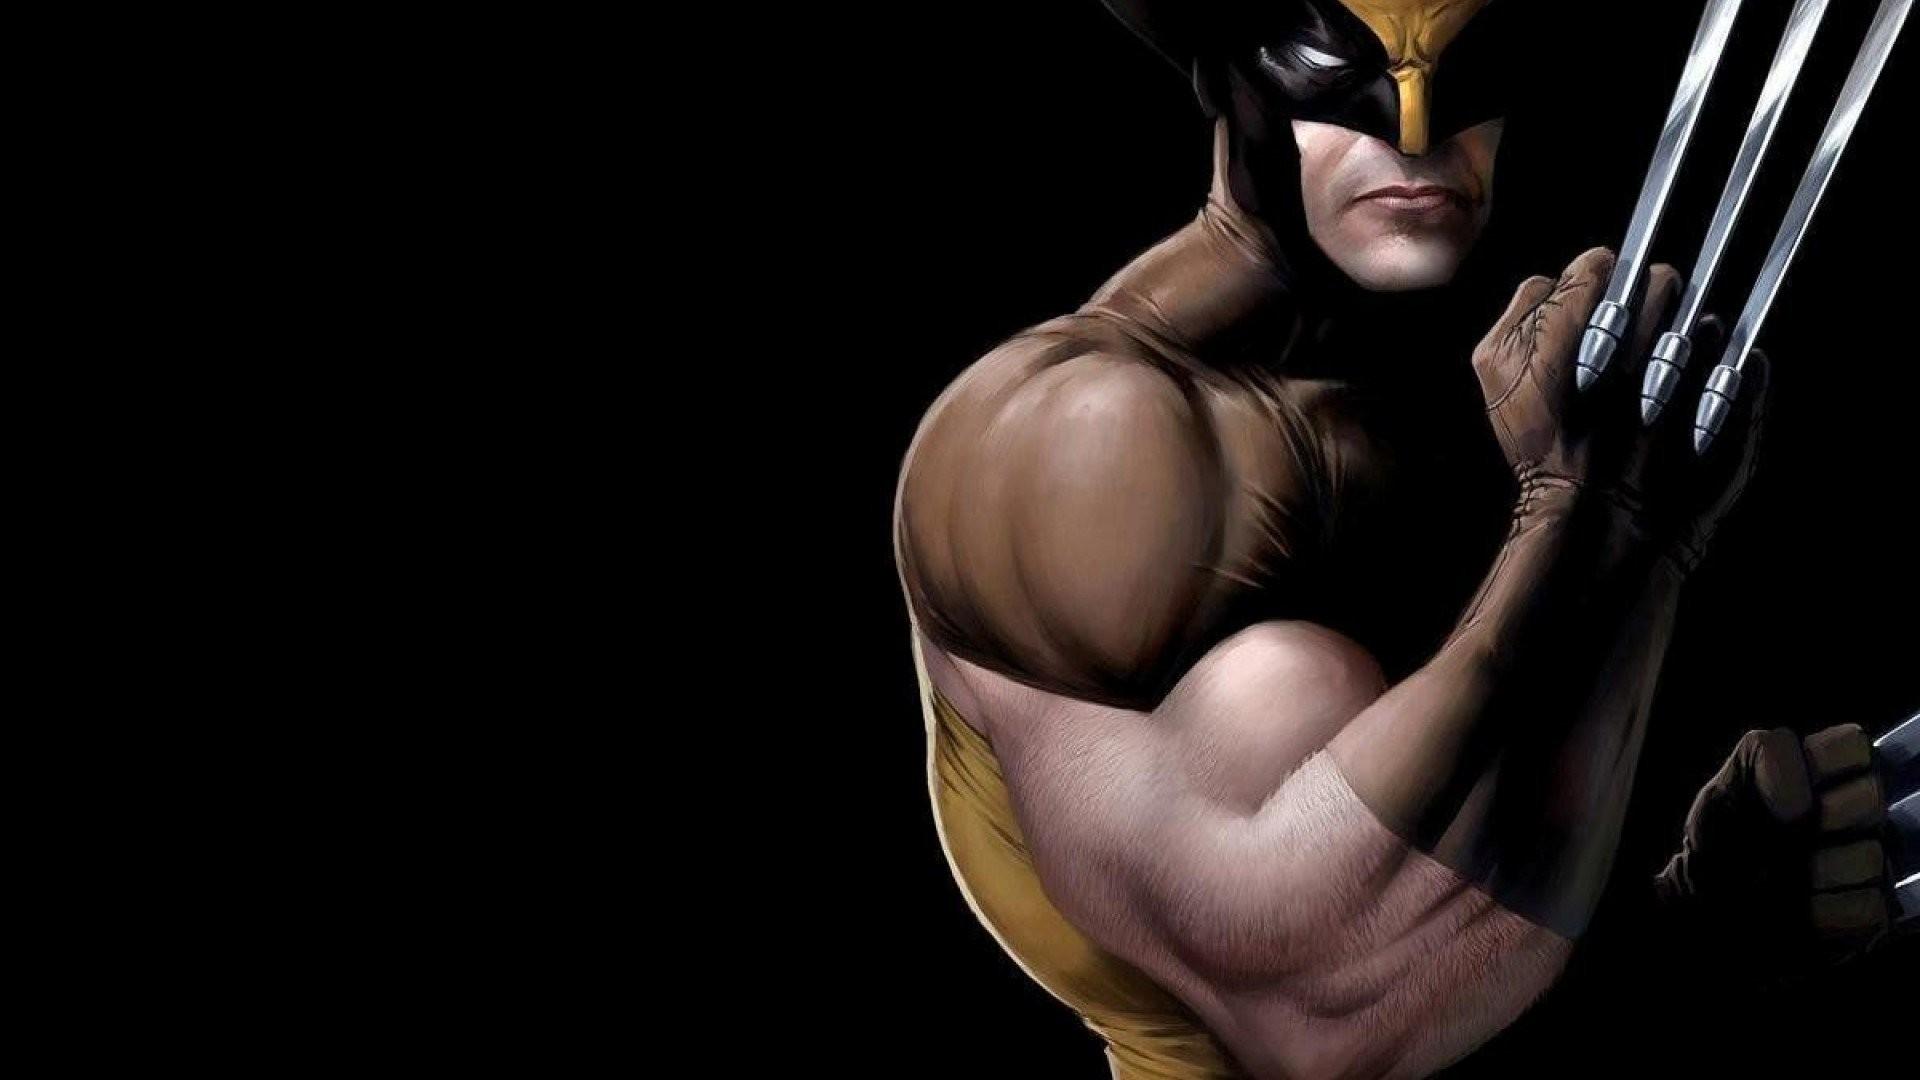 Res: 1920x1080, Dark Wolverine Wallpaper 1080p